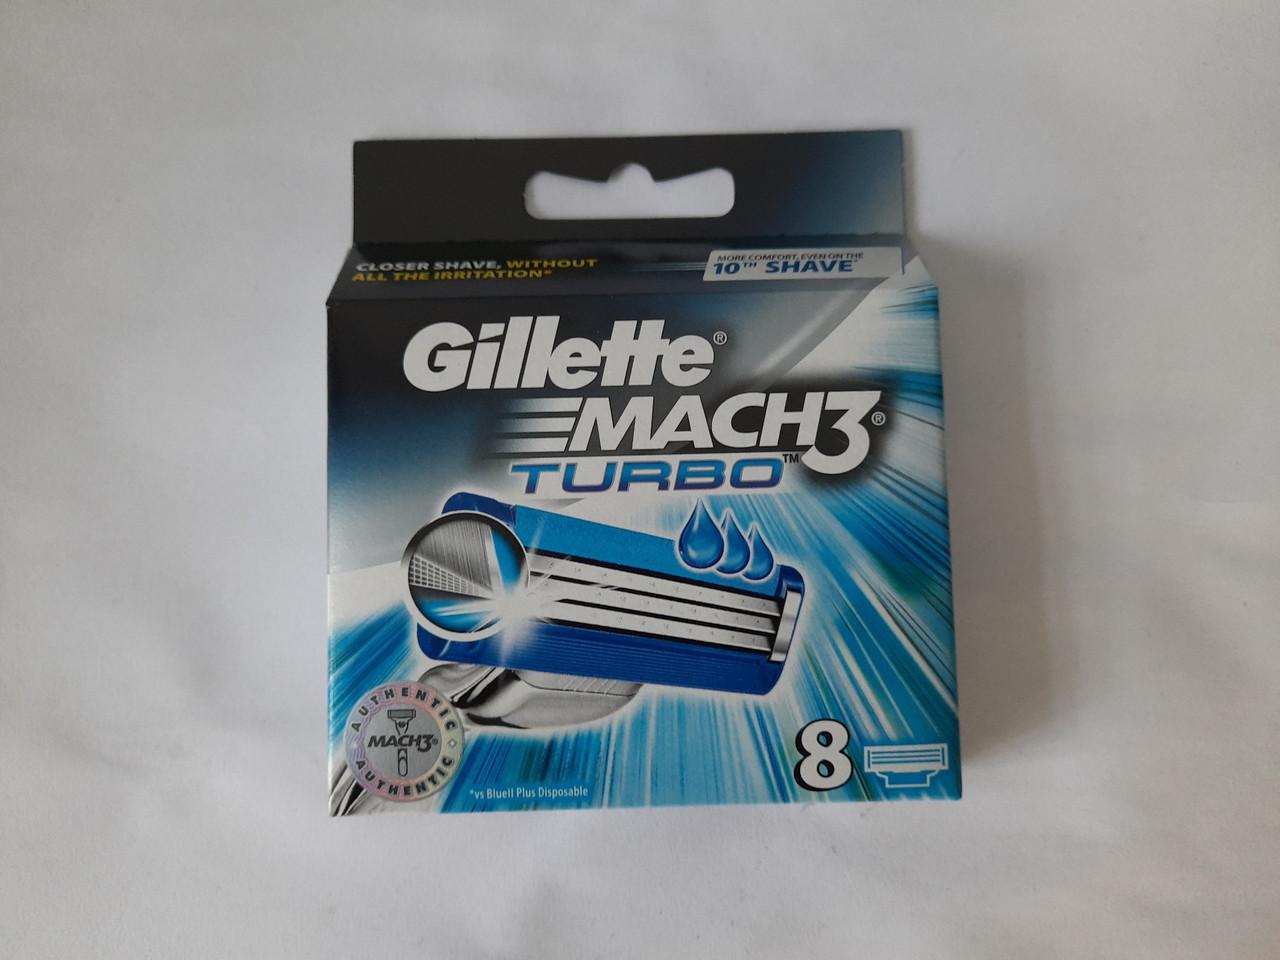 Касети для гоління чоловічі Gillette Mach 3 Turbo 8 шт ( Жиллет Мак 3 турбо оригінал нови дизайн)